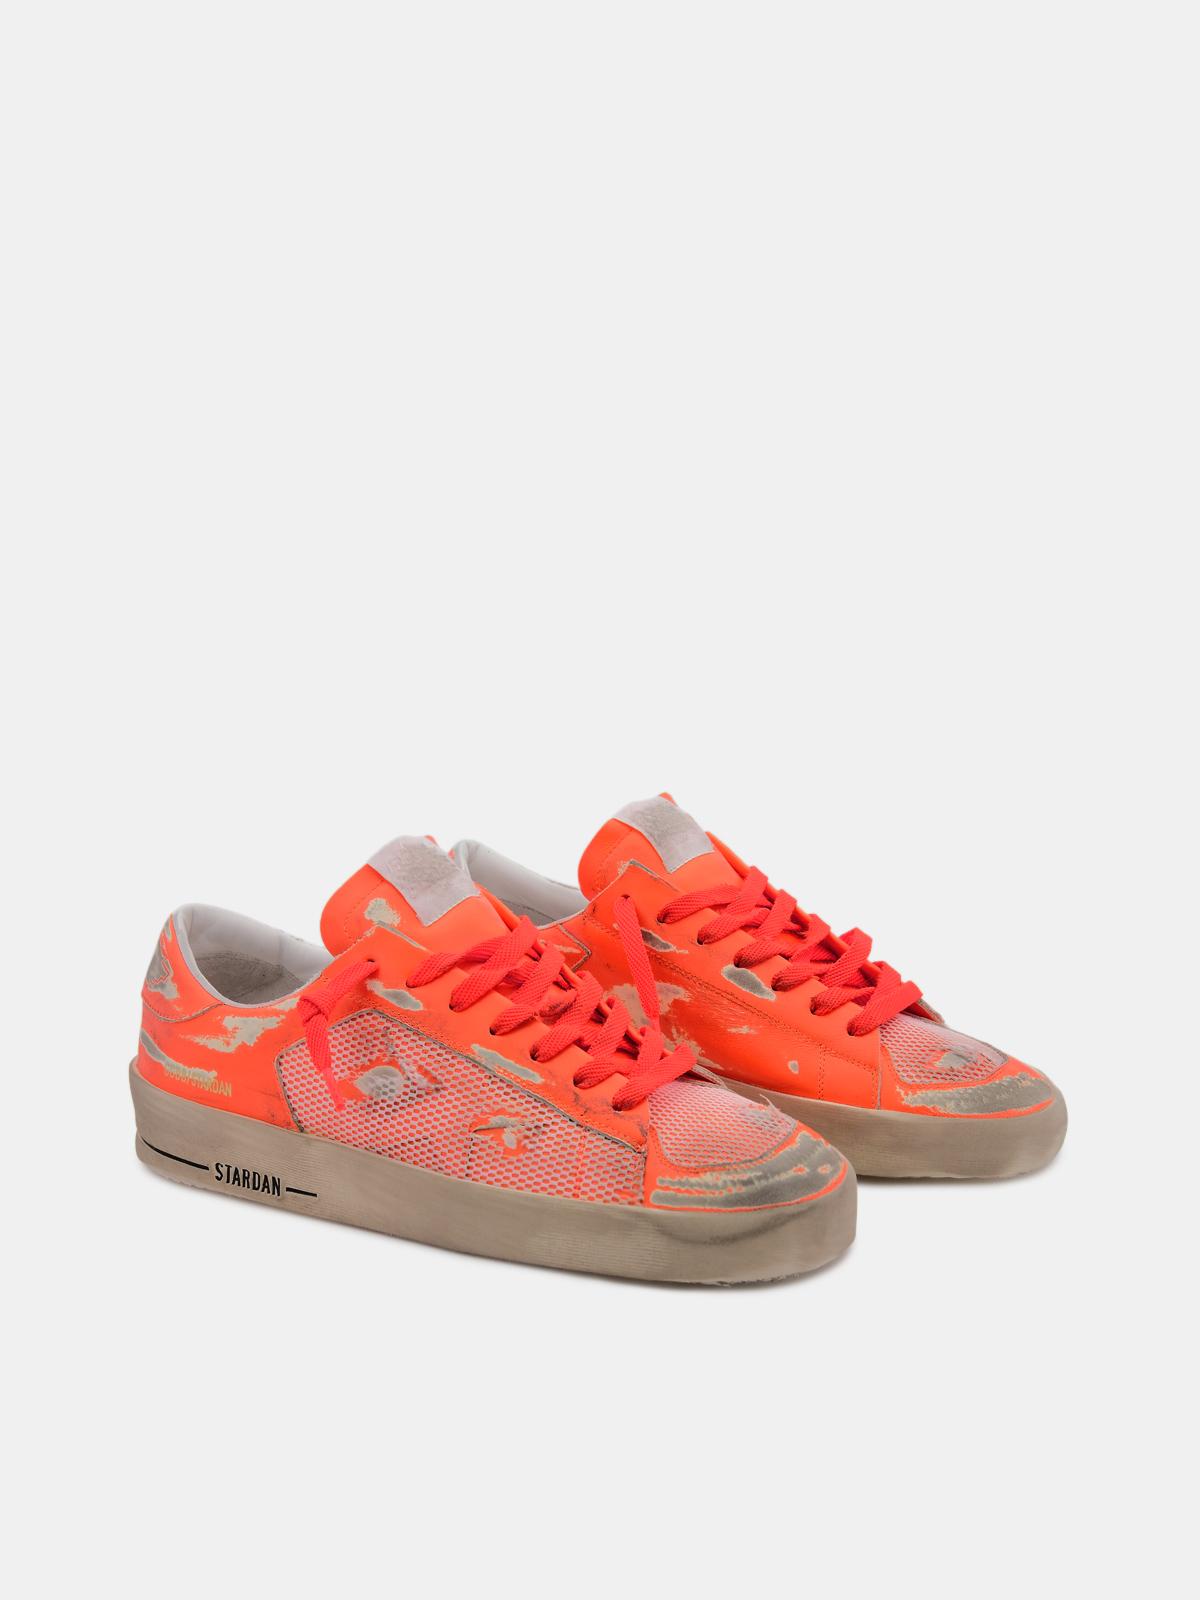 Golden Goose - Sneakers Stardan arancio fluo in